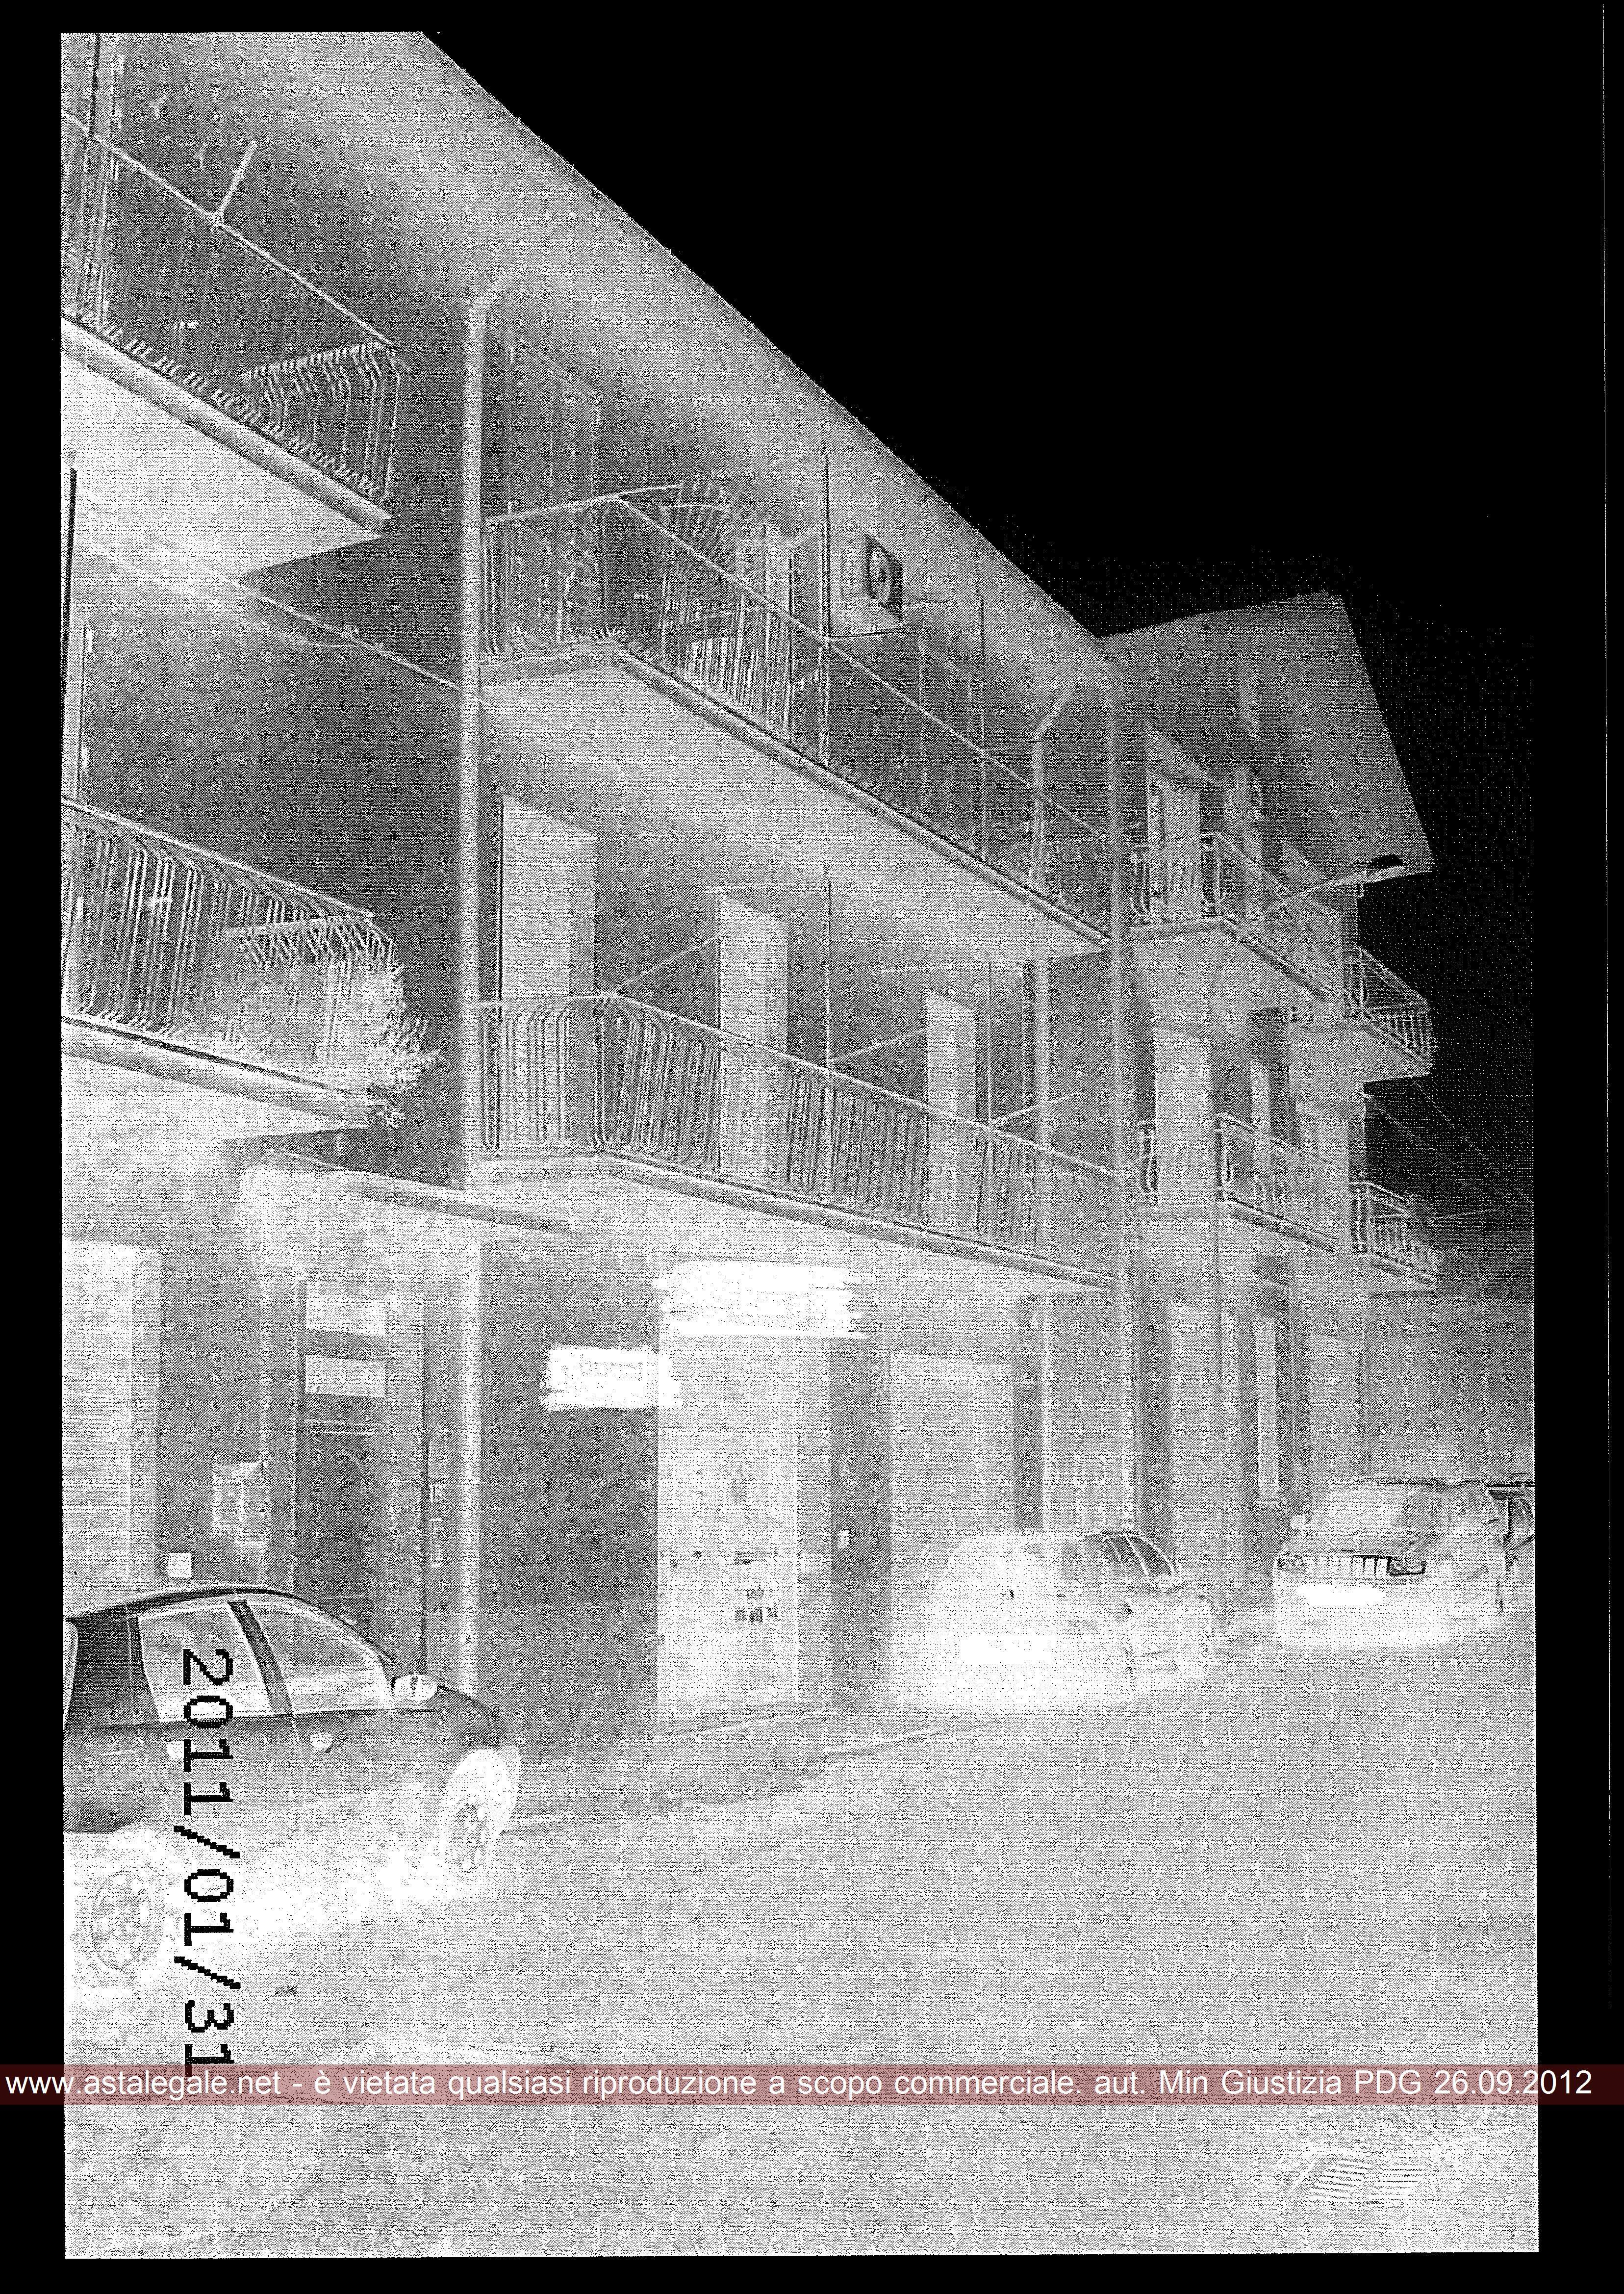 Lioni (AV) Via Napoli 16